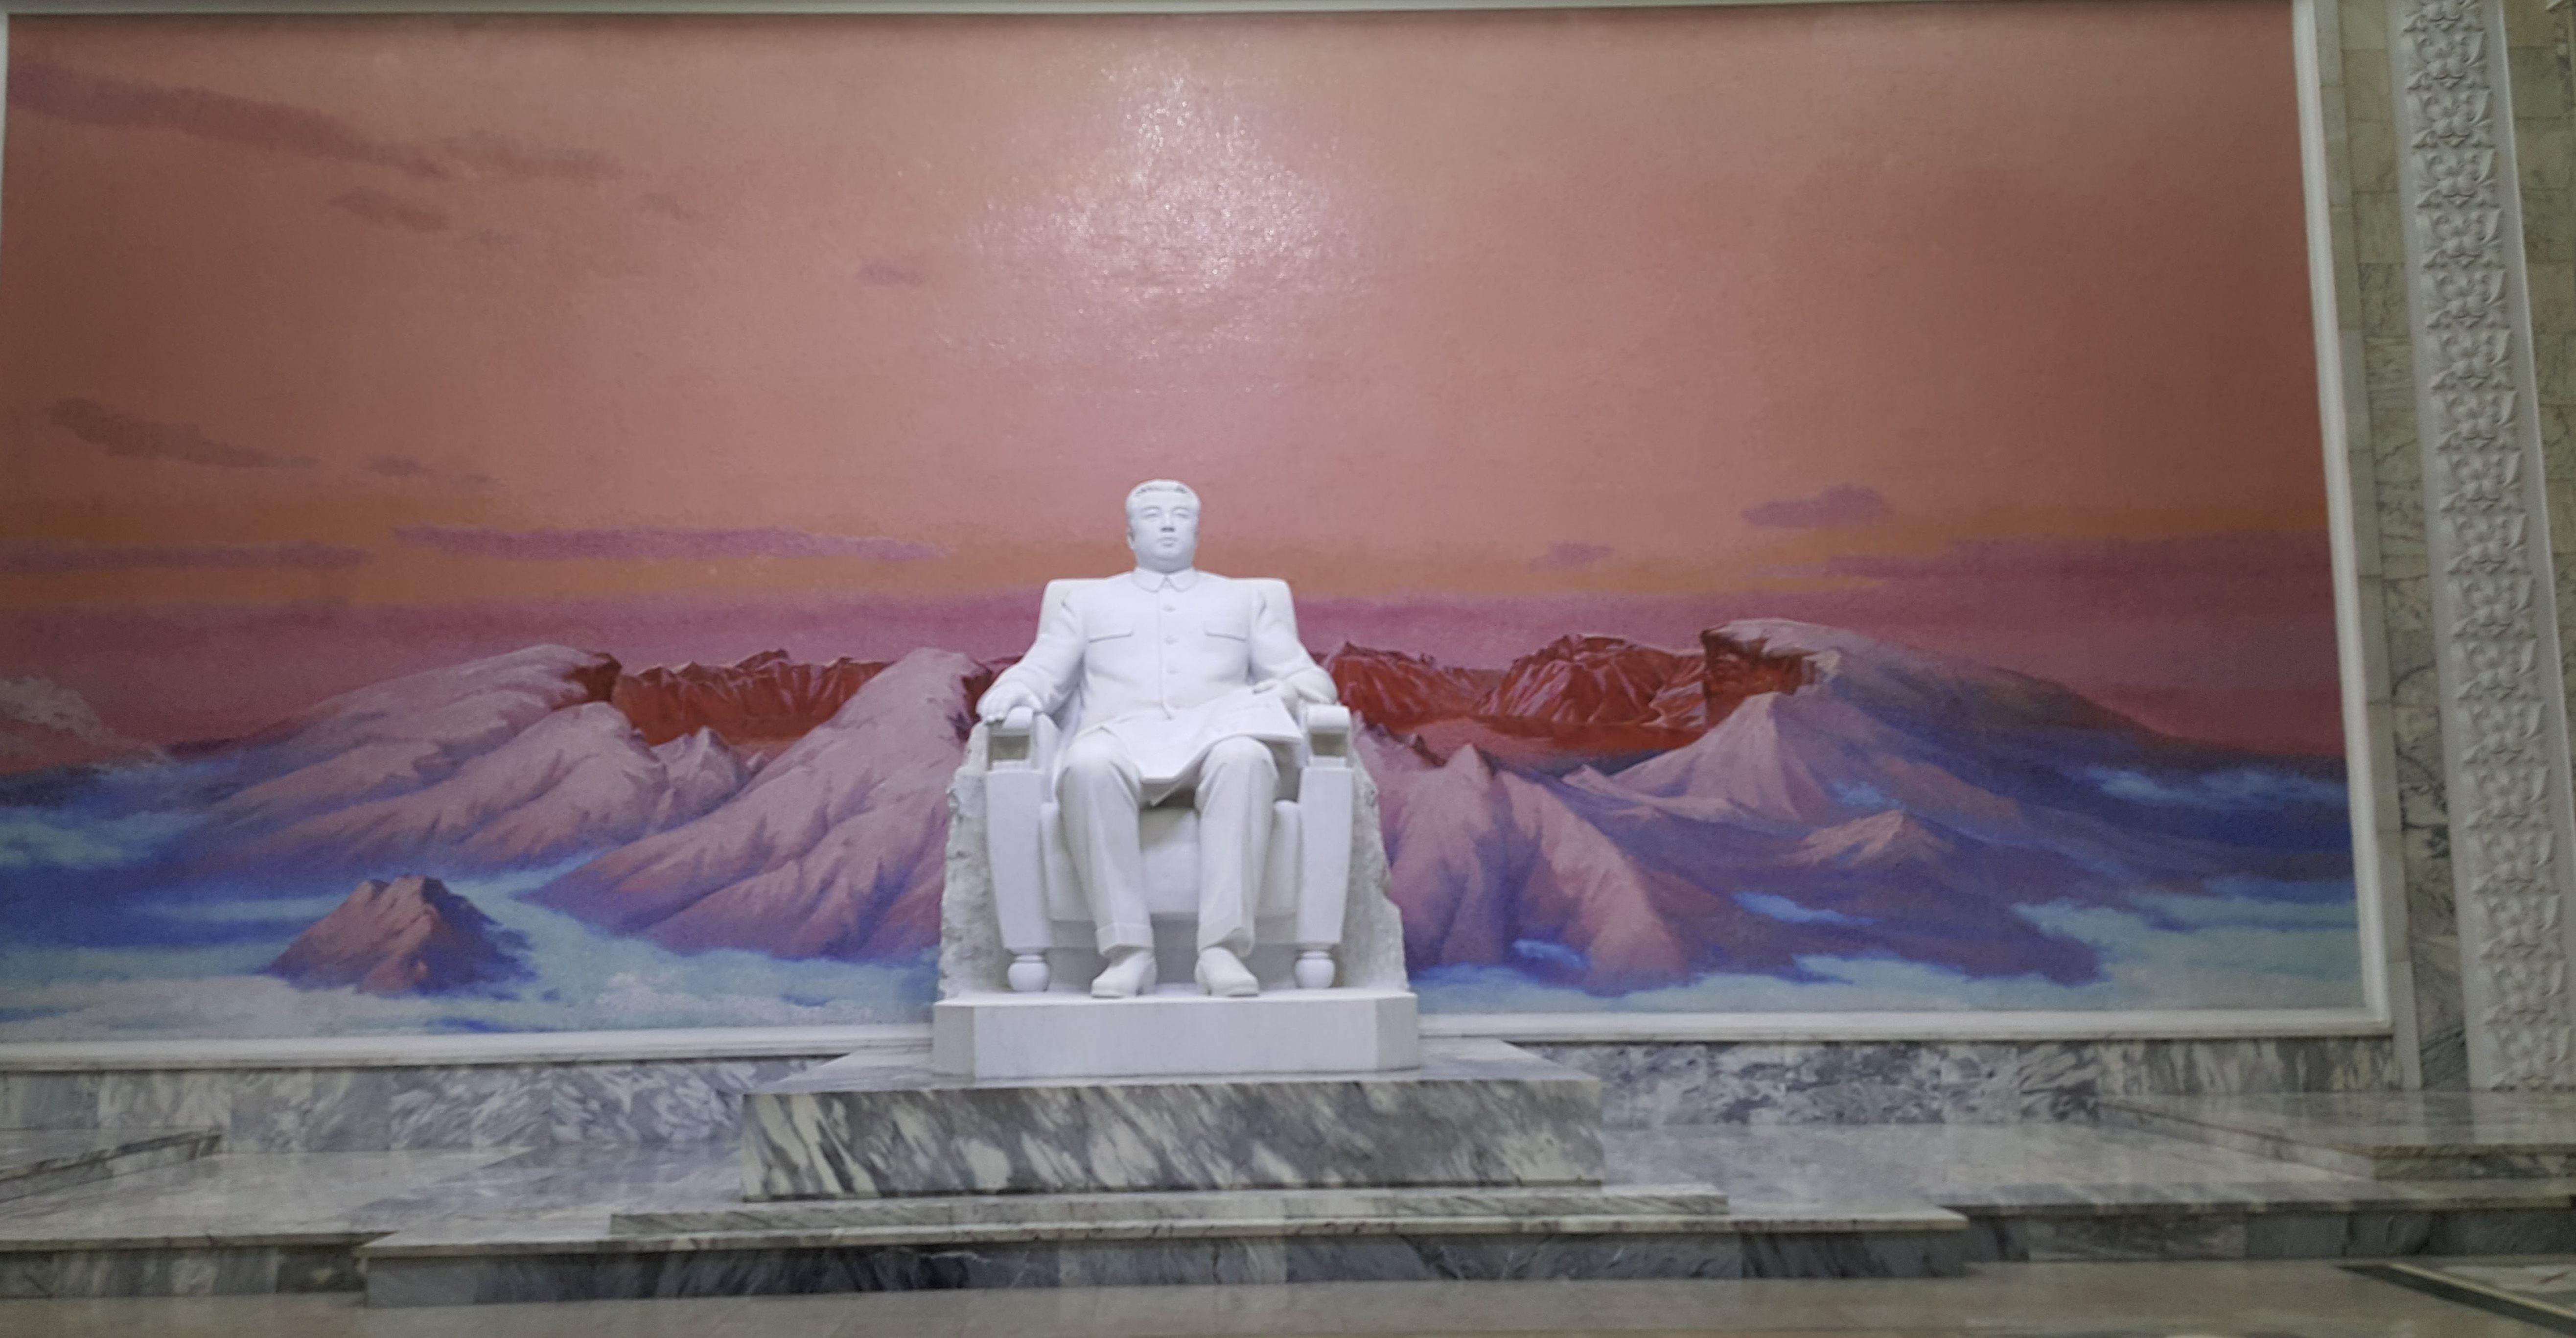 Det første som møter besøkende når de går av togene er selvsagt landets Gud, tidligere diktator Kim Il-sung som døde i 1004.